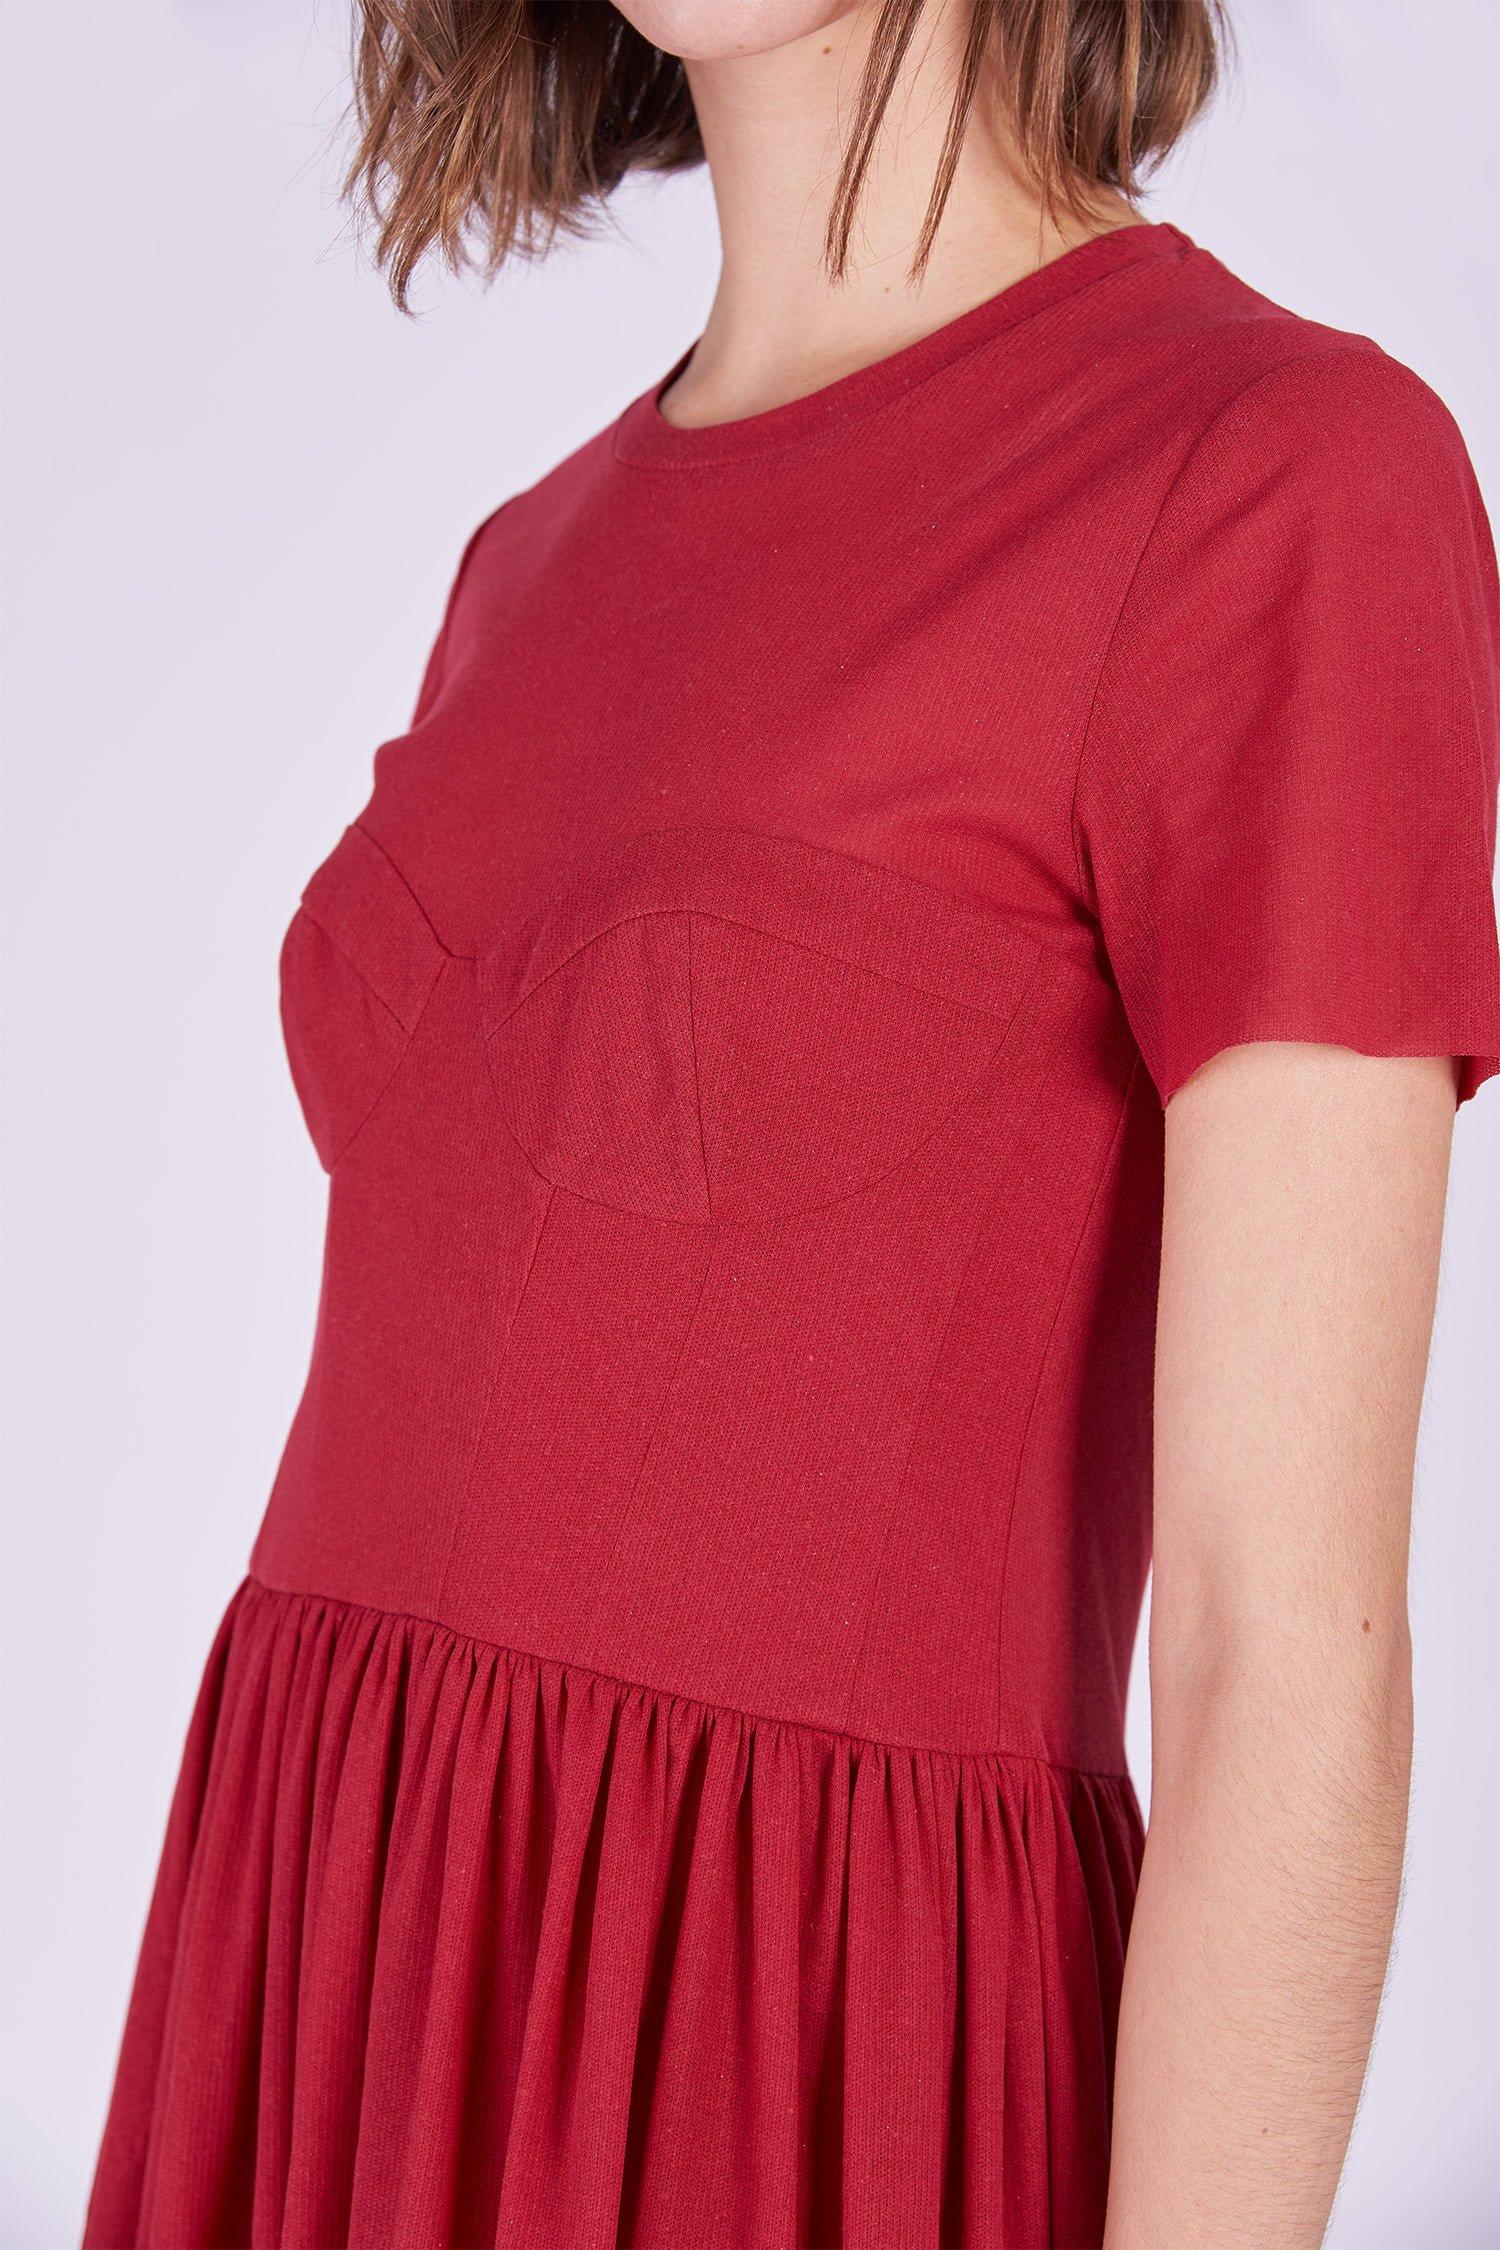 Acephala Ps2020 Red Midi Date Dress Czerwona Sukienka Wieczorowa Randka Detail 1